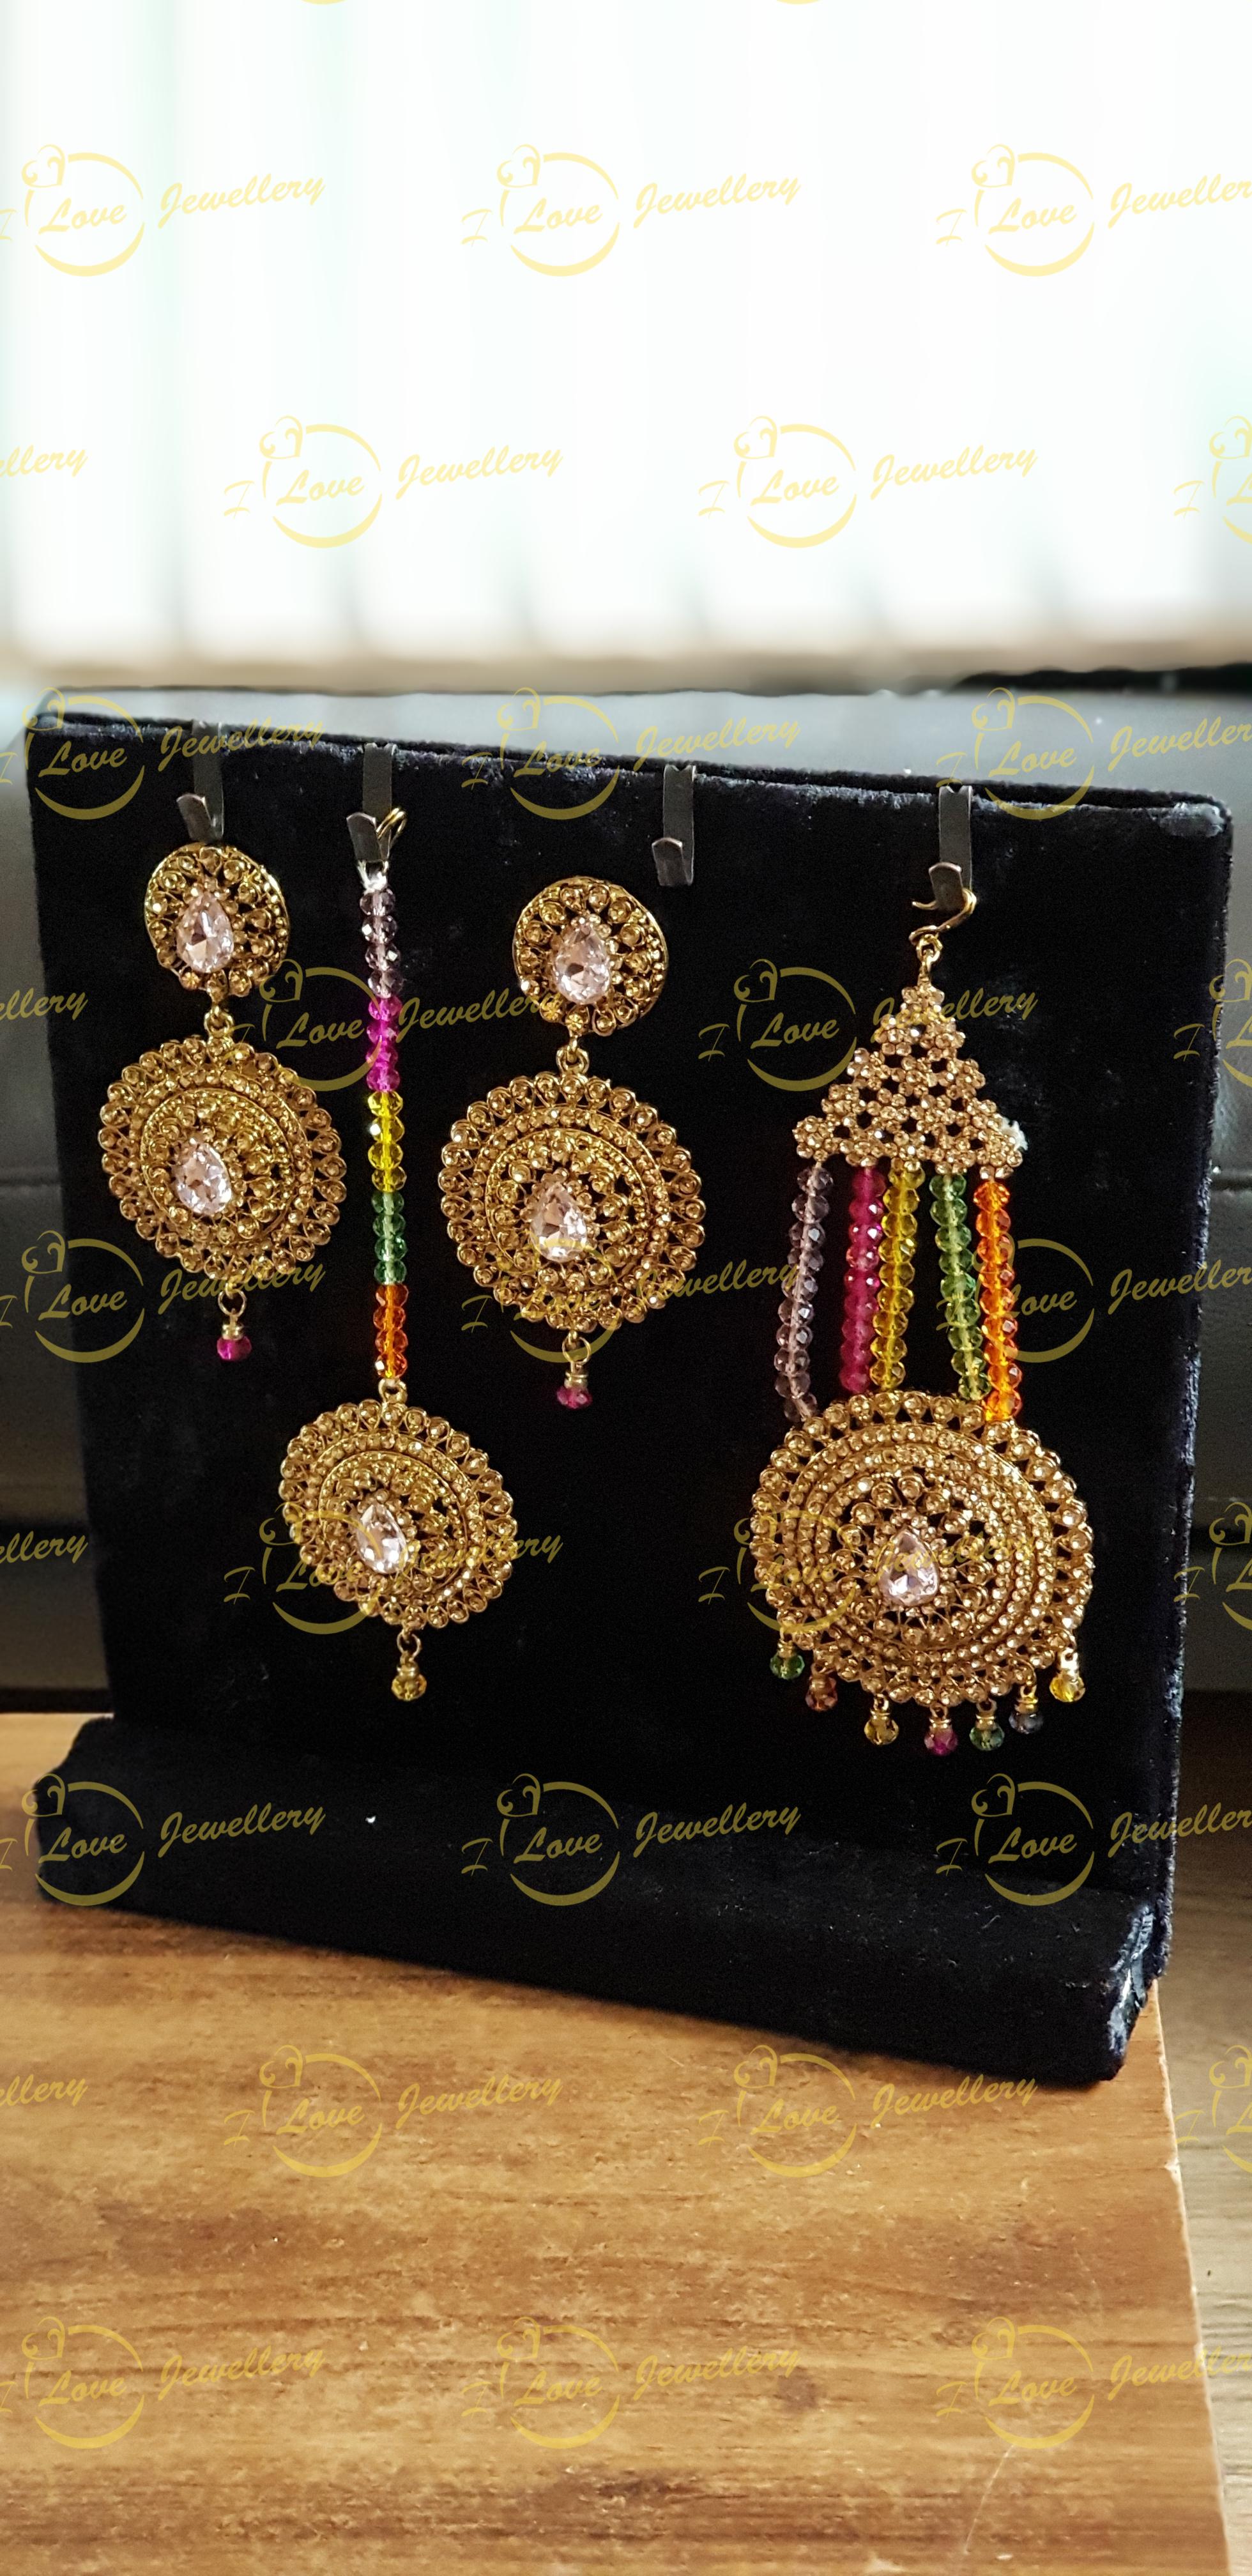 mehndi earrings tikka jhoomar set - mehndi jewellery - bridal earrings - wholesale Pakistani jewellery - bespoke Pakistani jewellery